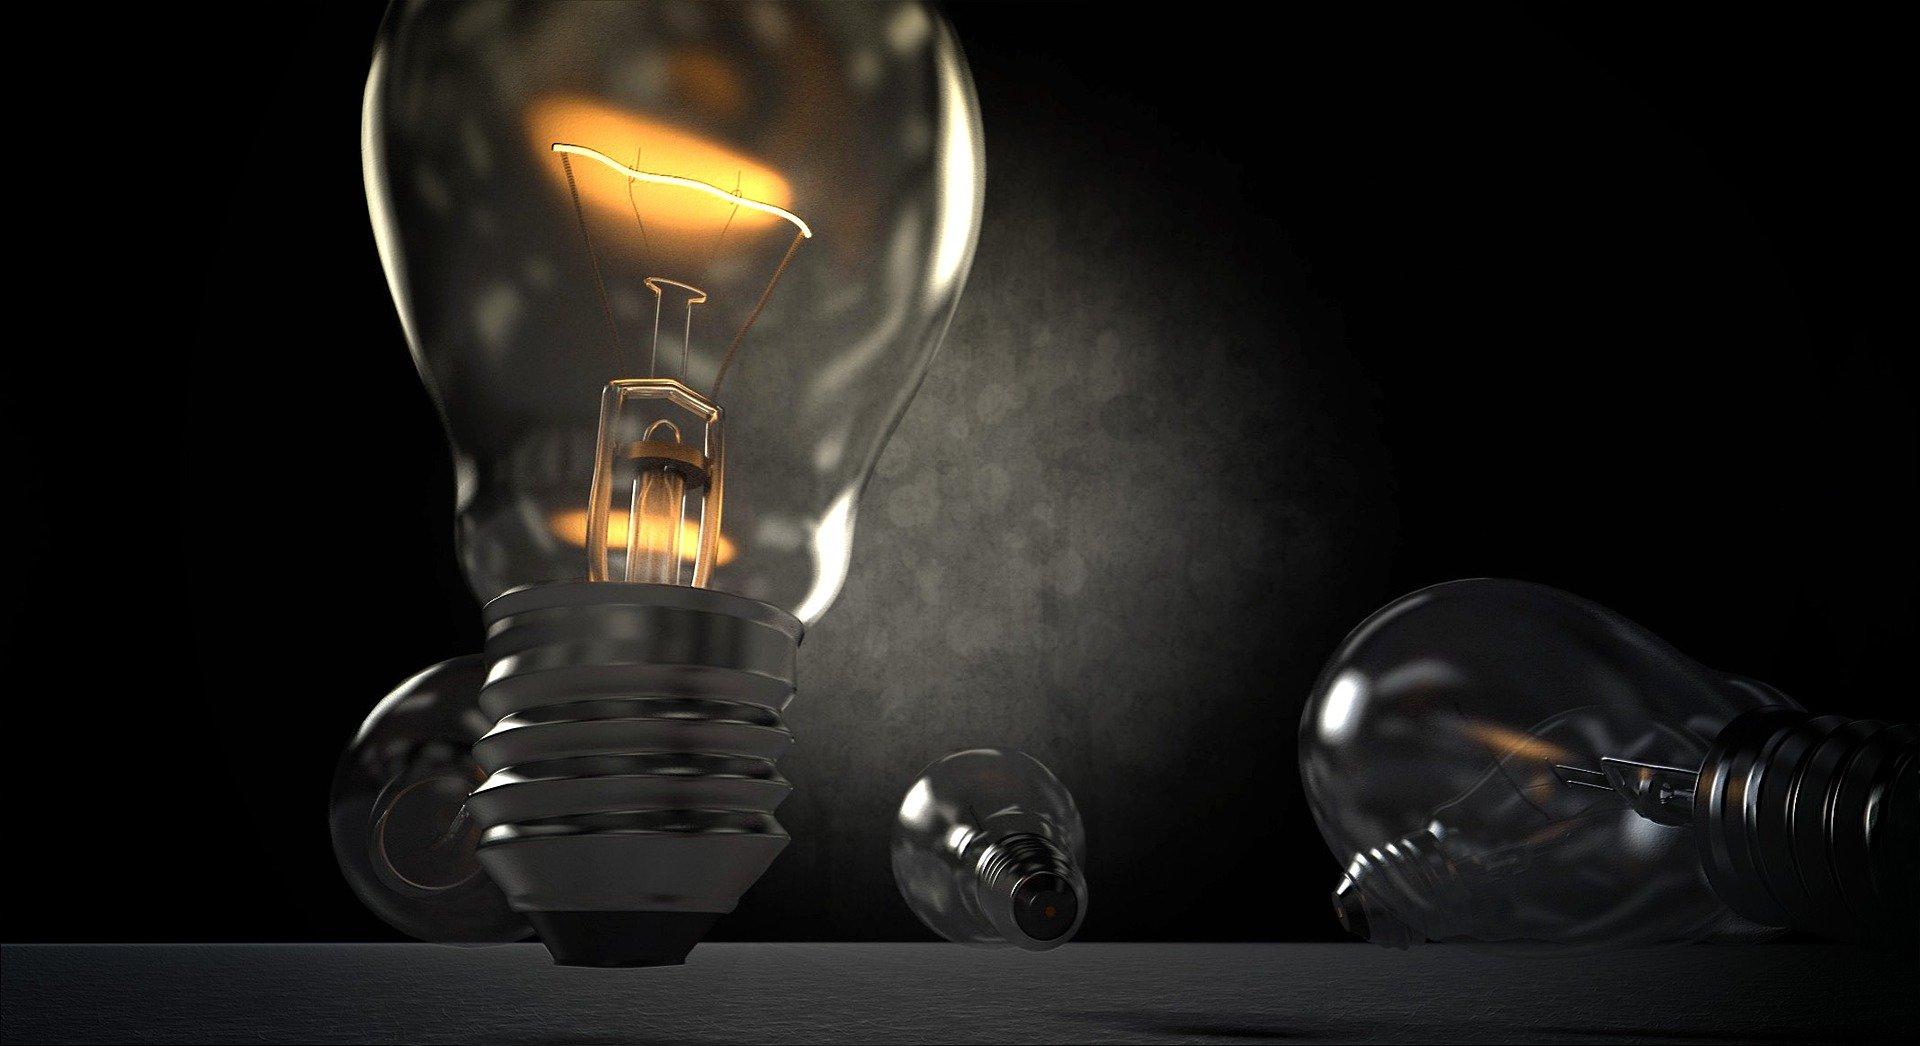 lamp-3121677_1920